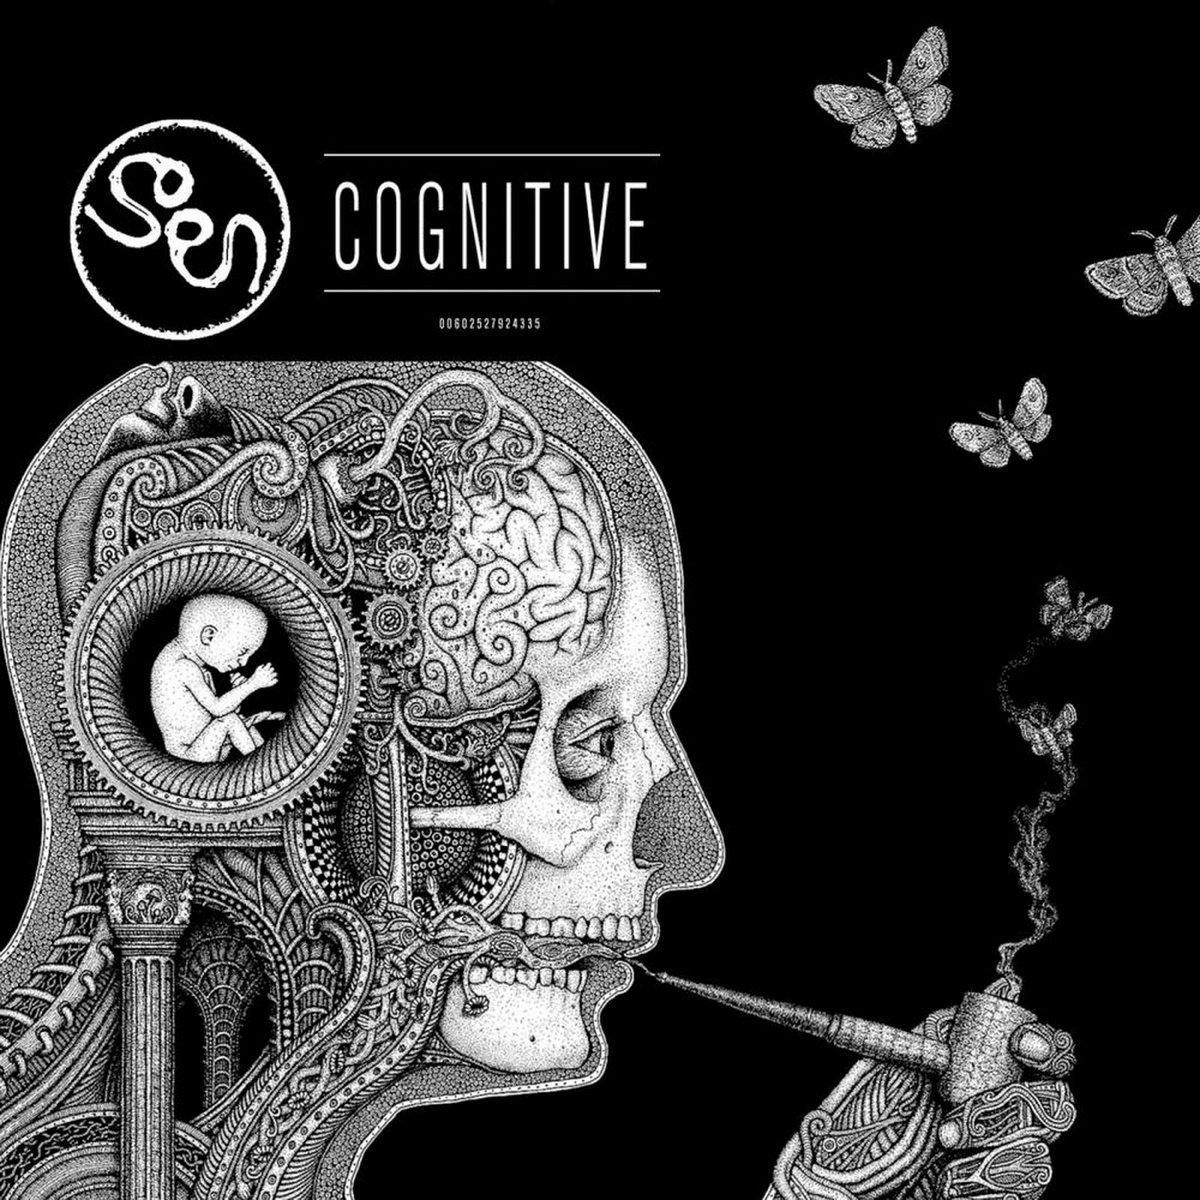 Image result for soen band cognitive